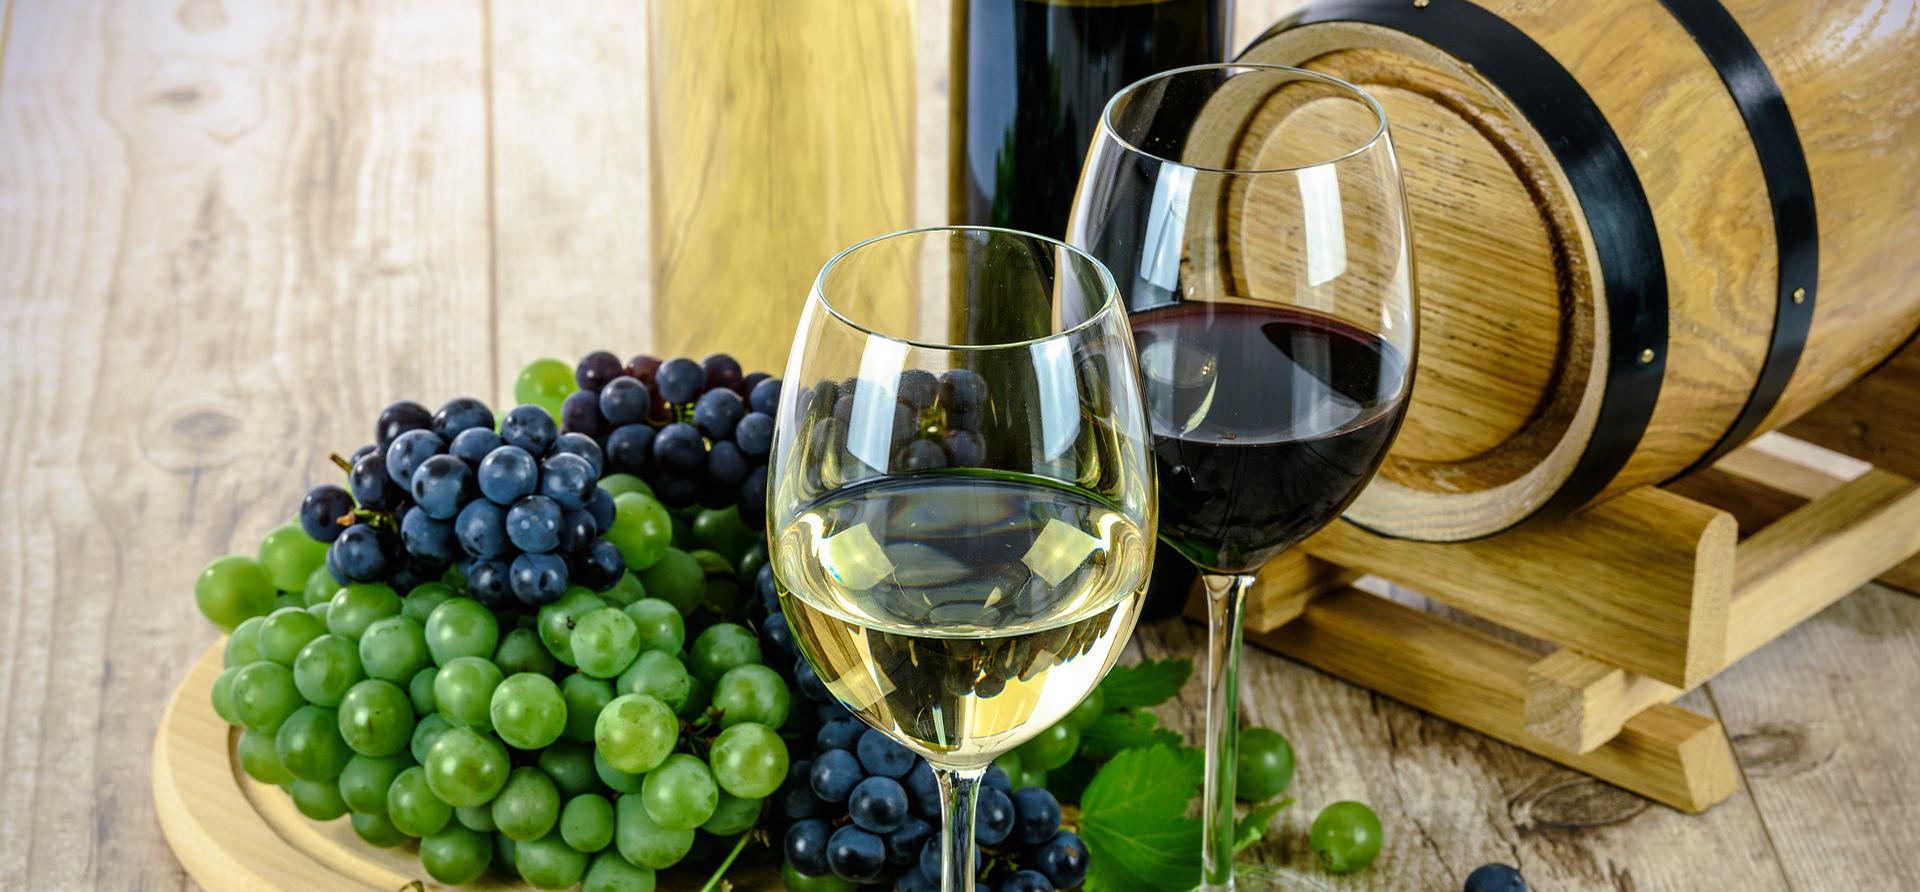 Dégustation de vins en barriques avec du raisin